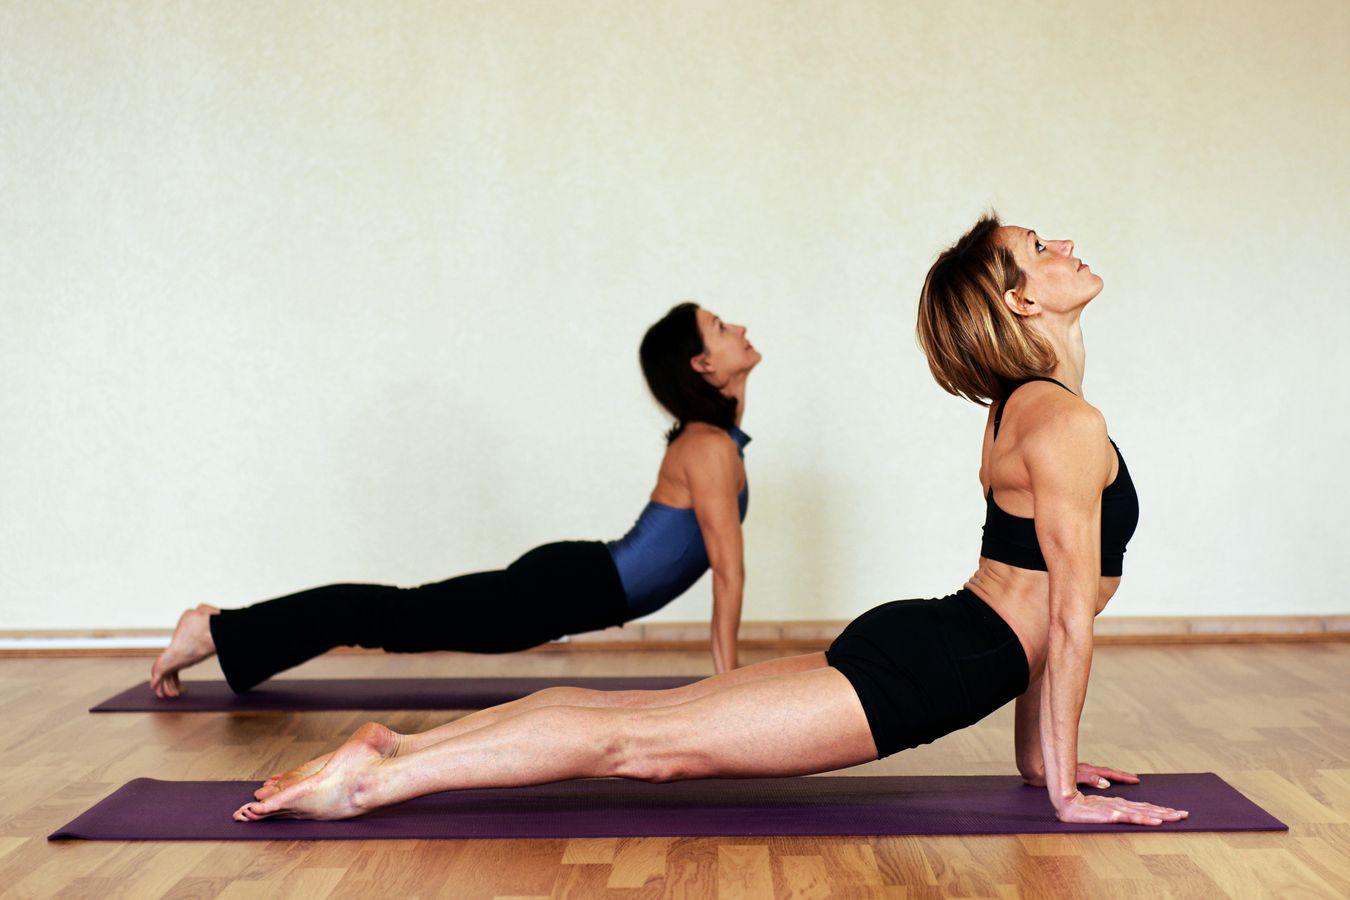 Sydney Martinie donne un cours individuel de Yoga, du Yoga coaching, dans un studio à Lyon. Elle pratique avec son élève un urdhva mukha svanasana.